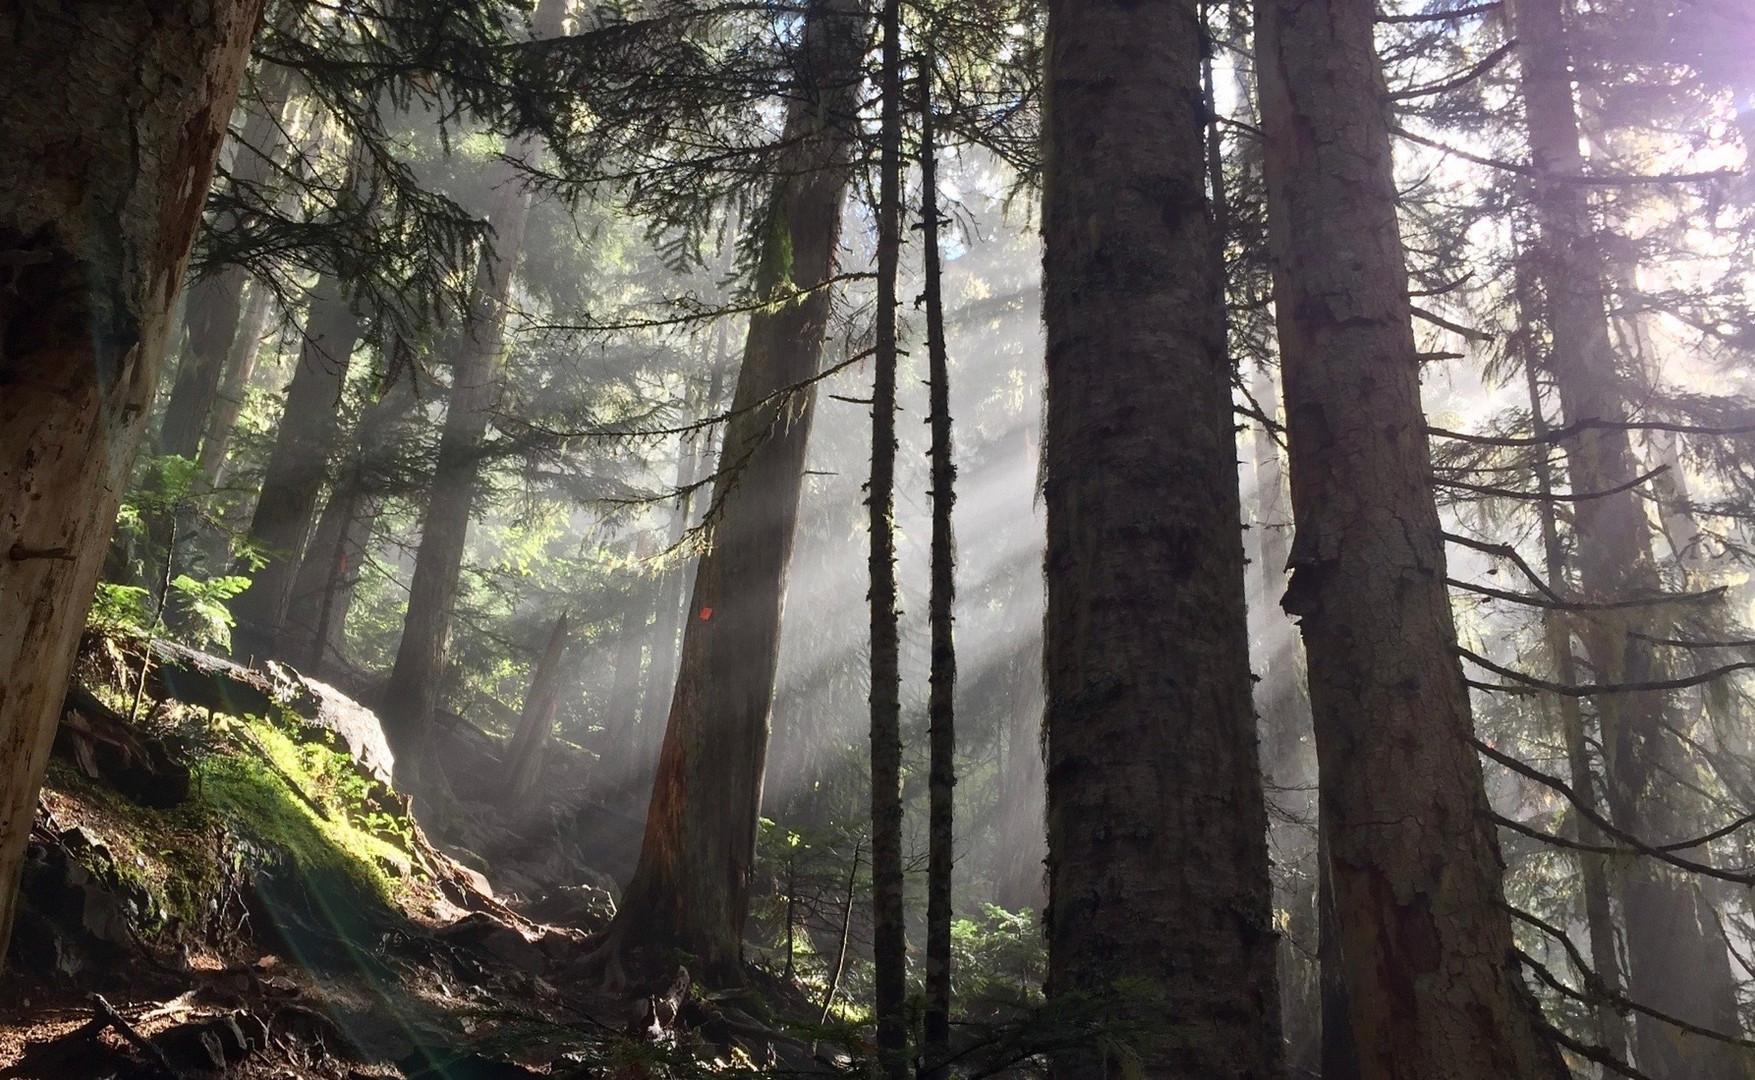 slide 20 - forest-1714242_1920.jpg